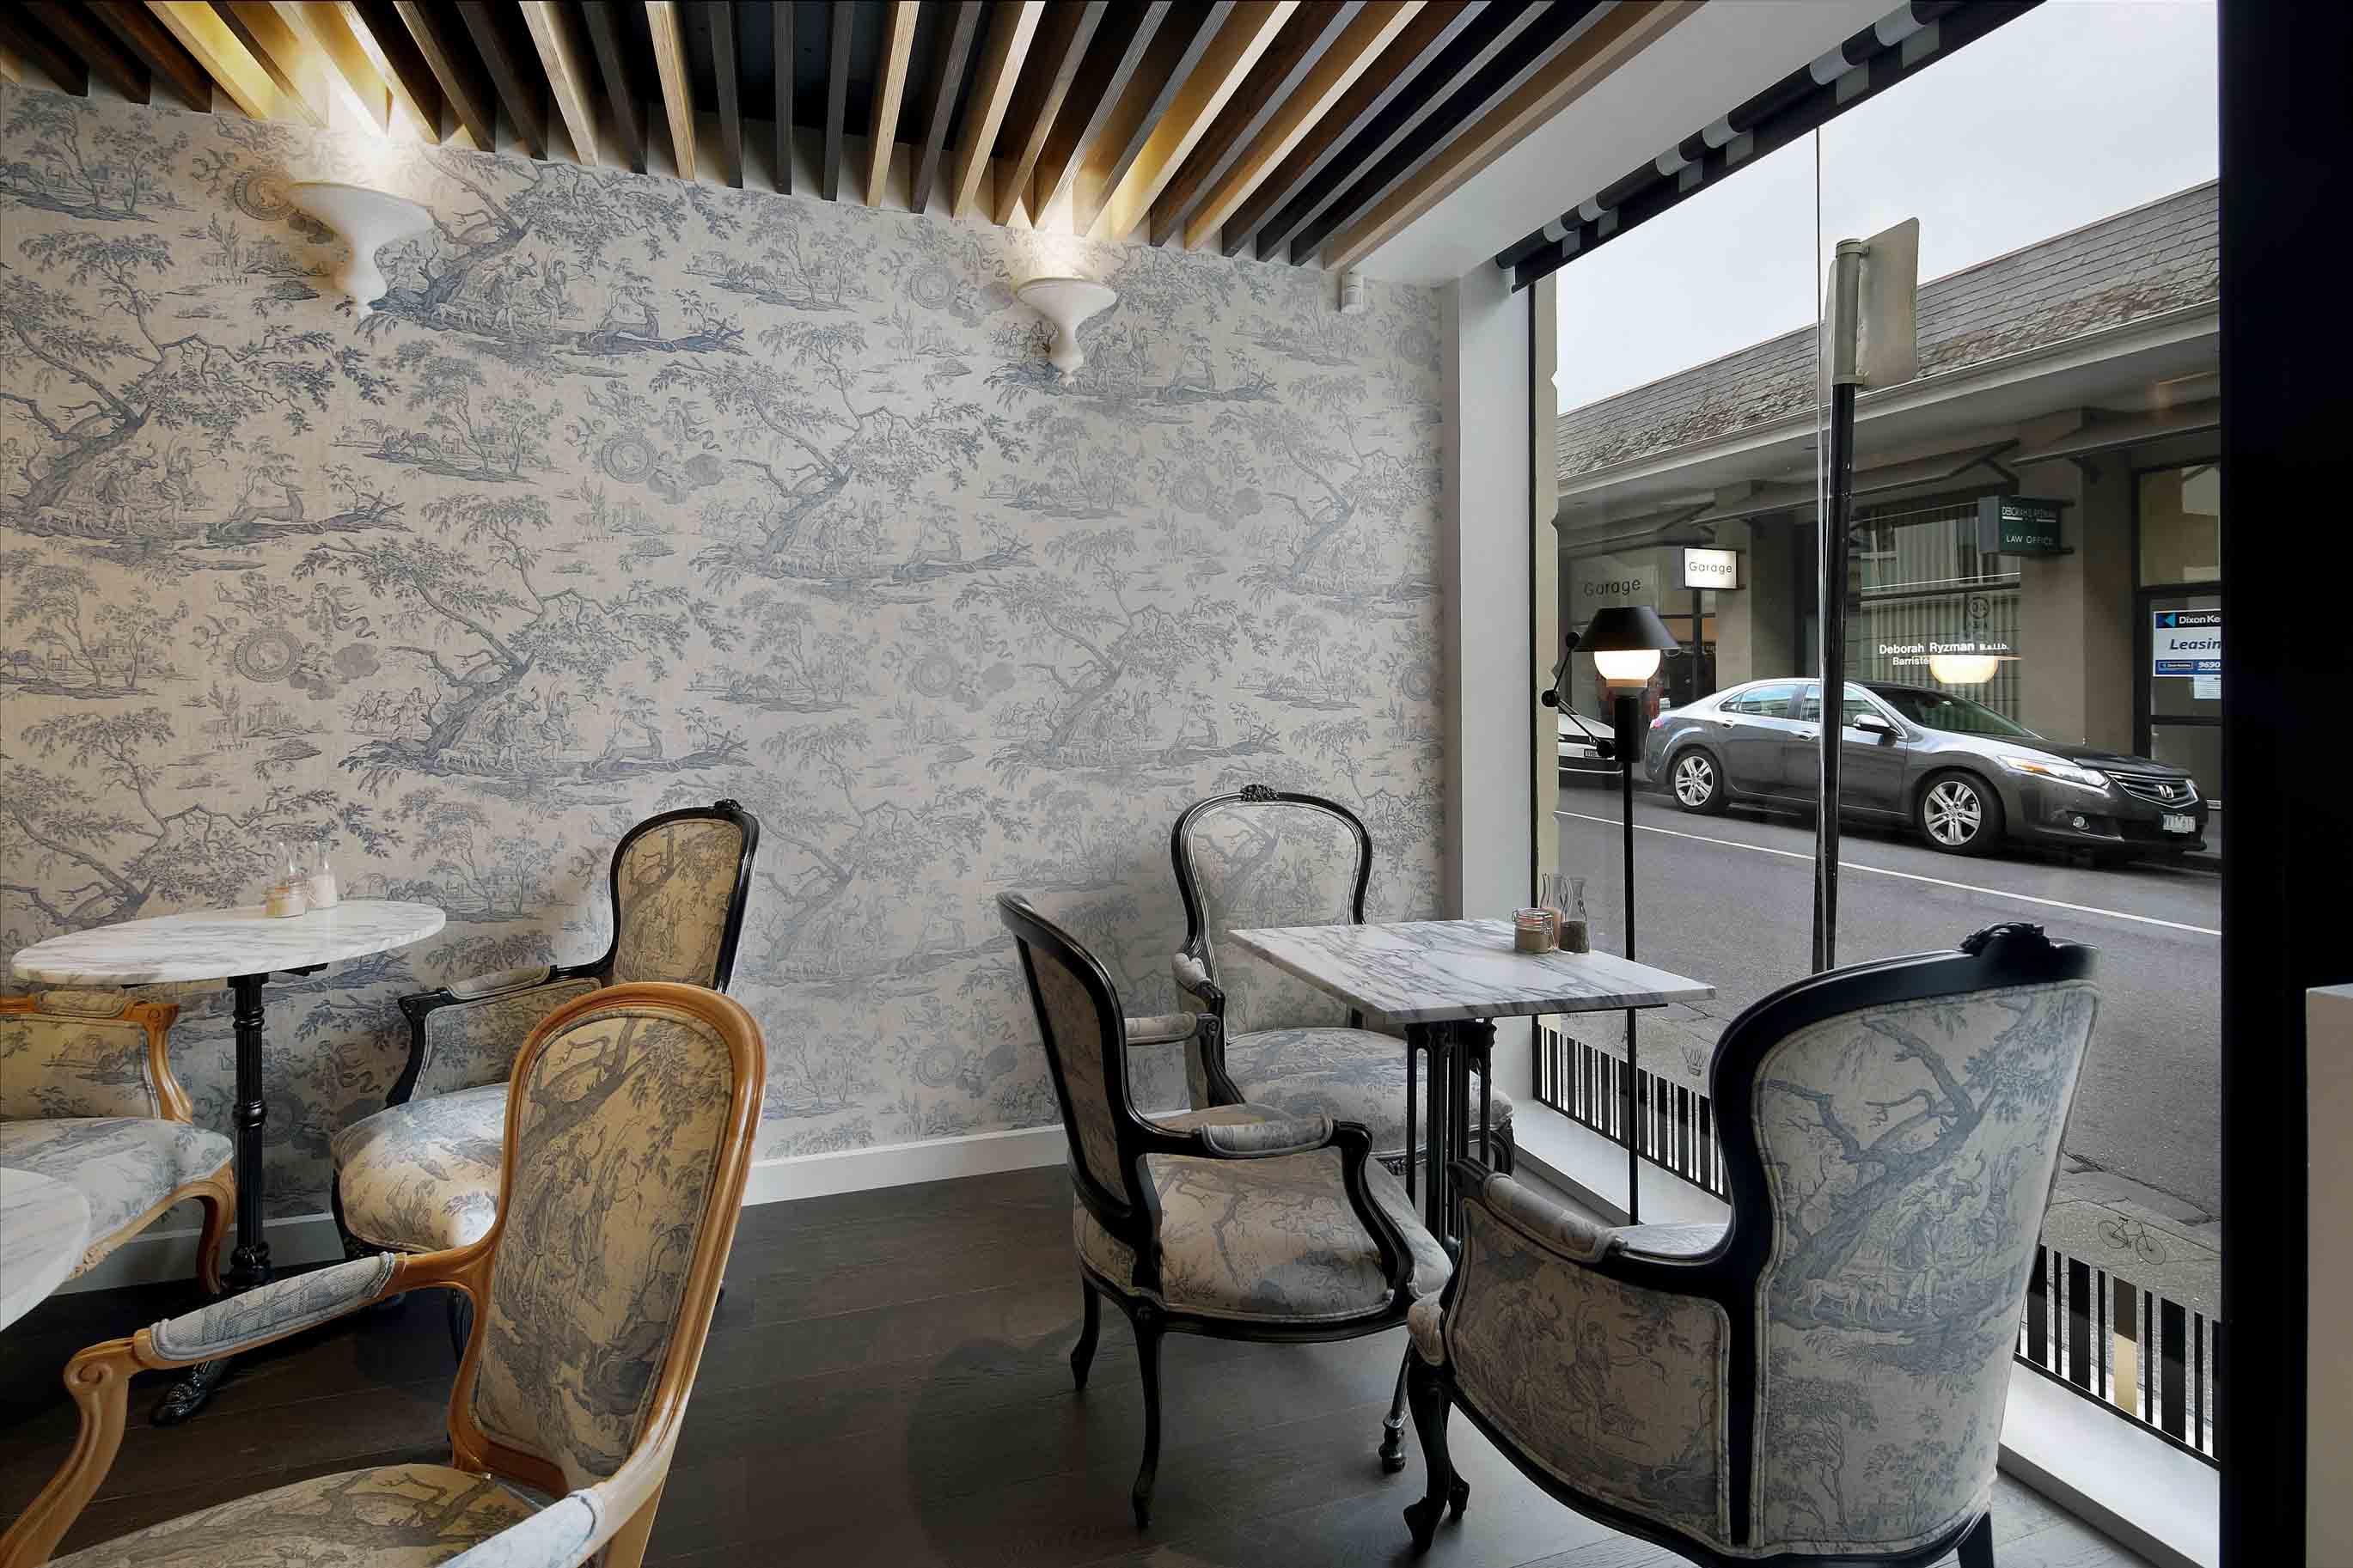 Cafe' de la Ville - interior design by Studio Y.